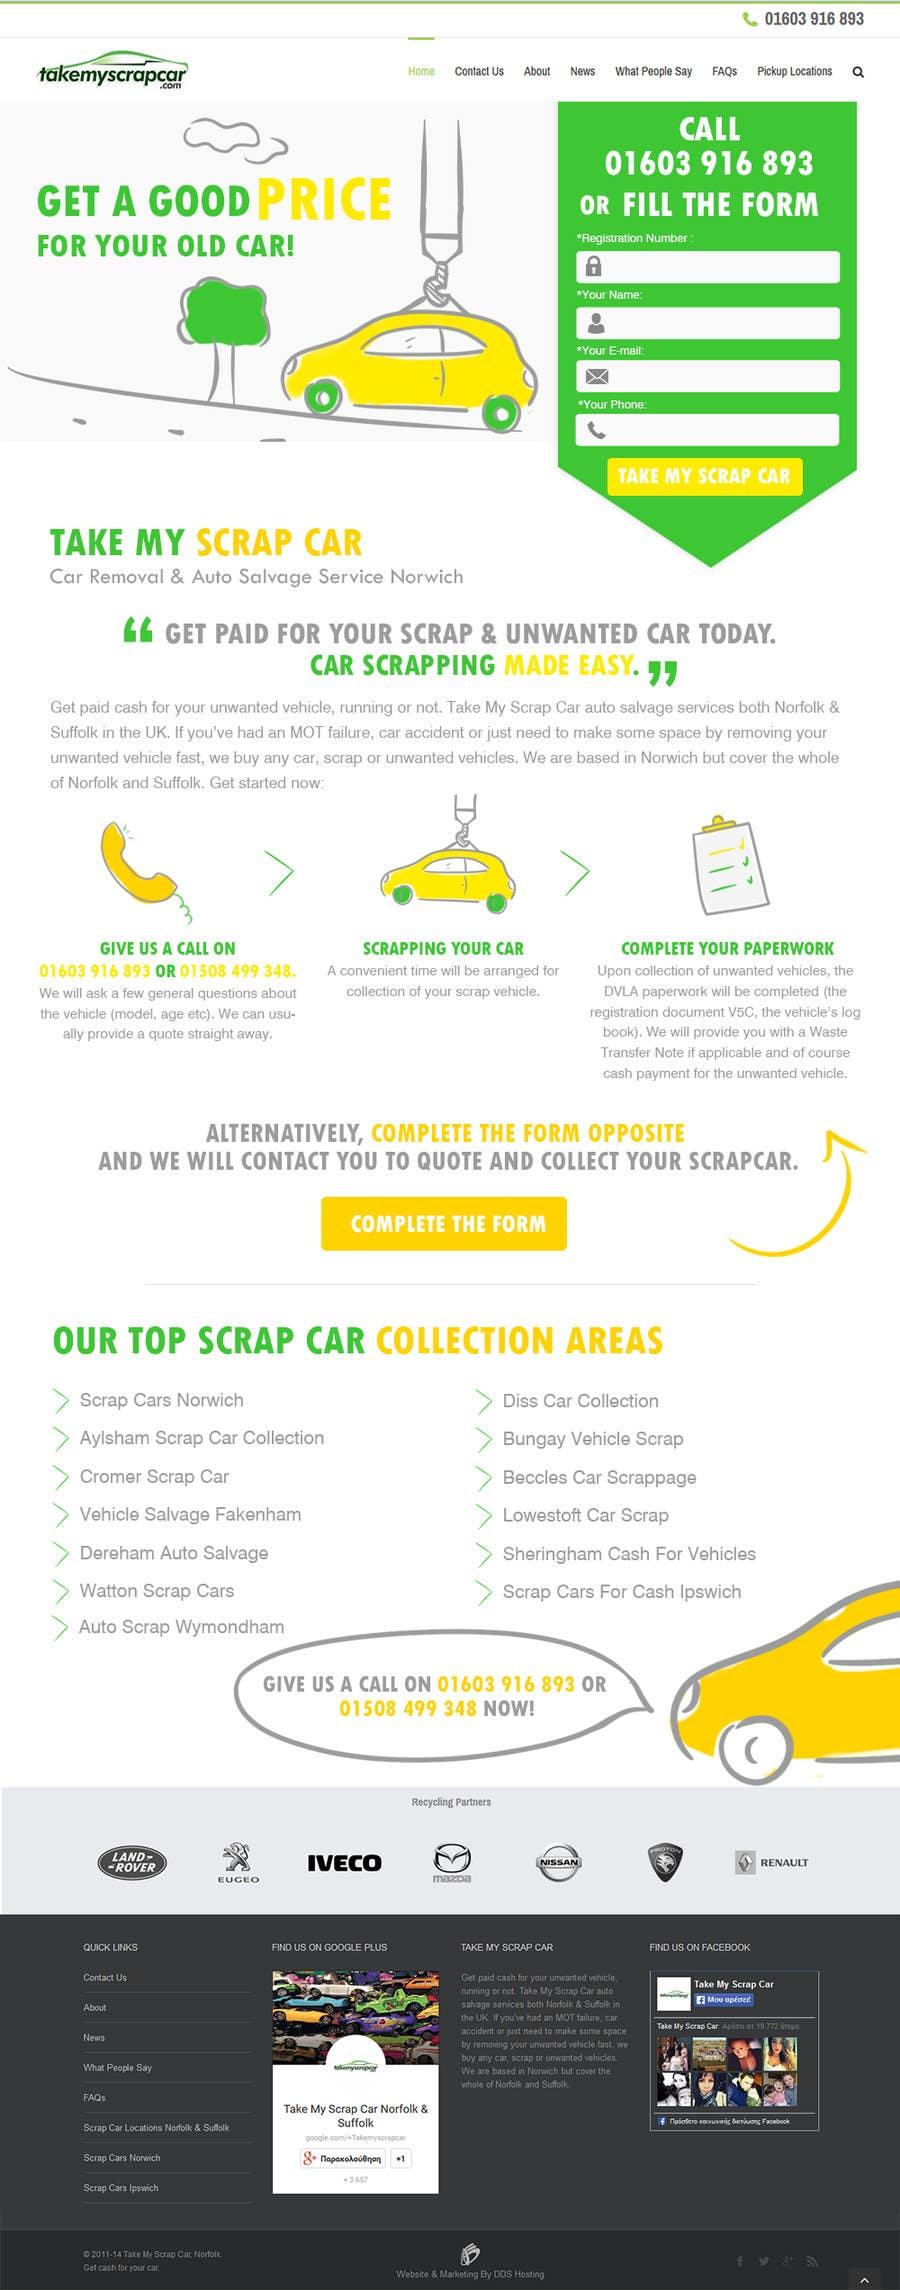 Konkurrenceindlæg #47 for Design a Website Mockup for www.takemyscrapcar.com